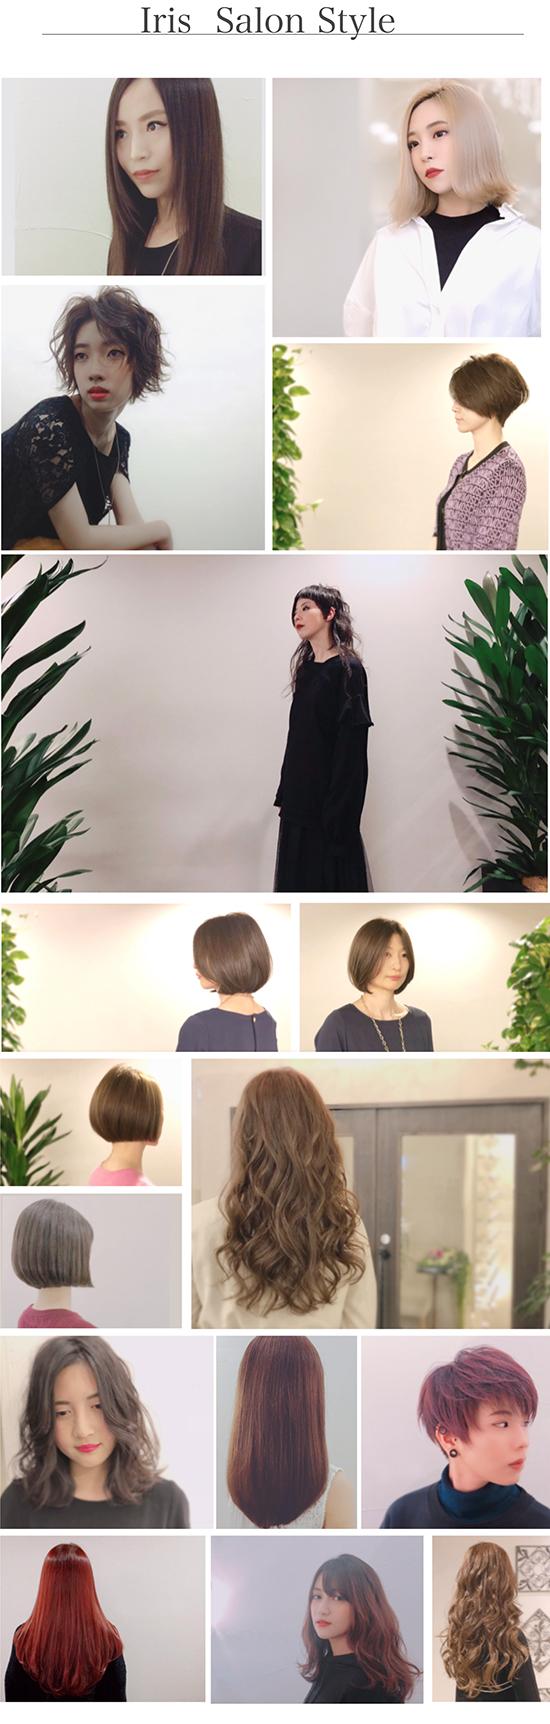 Iris salon style